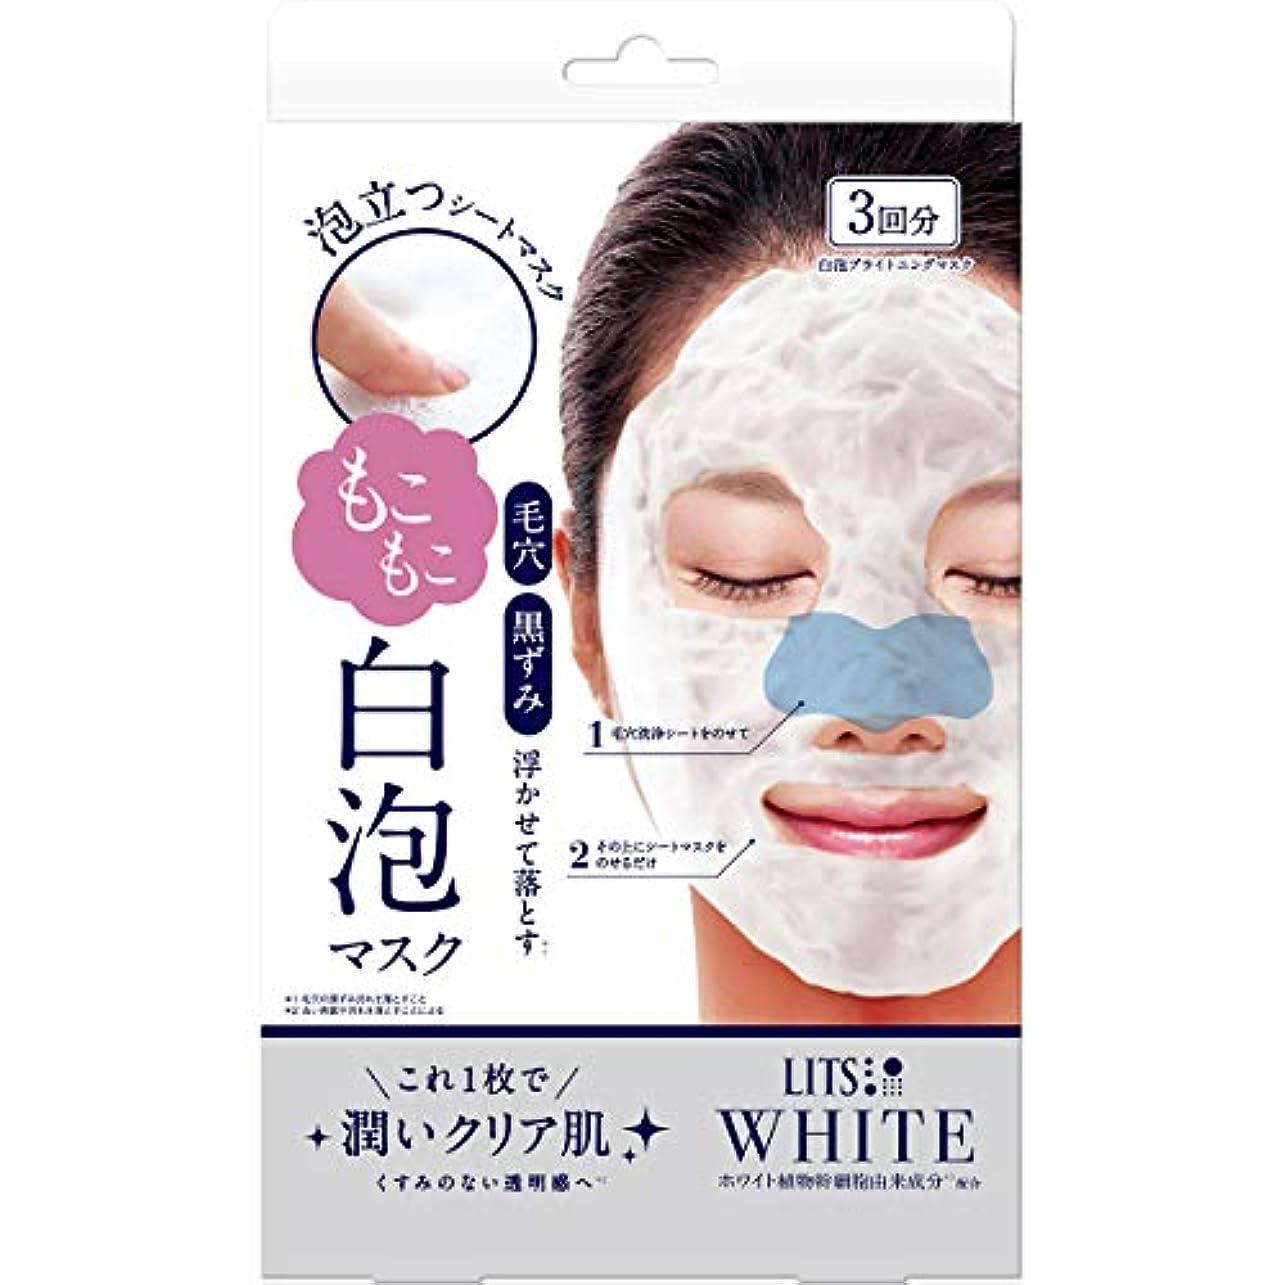 私達チャペル矛盾するリッツ ホワイト もこもこ白泡マスク 3枚